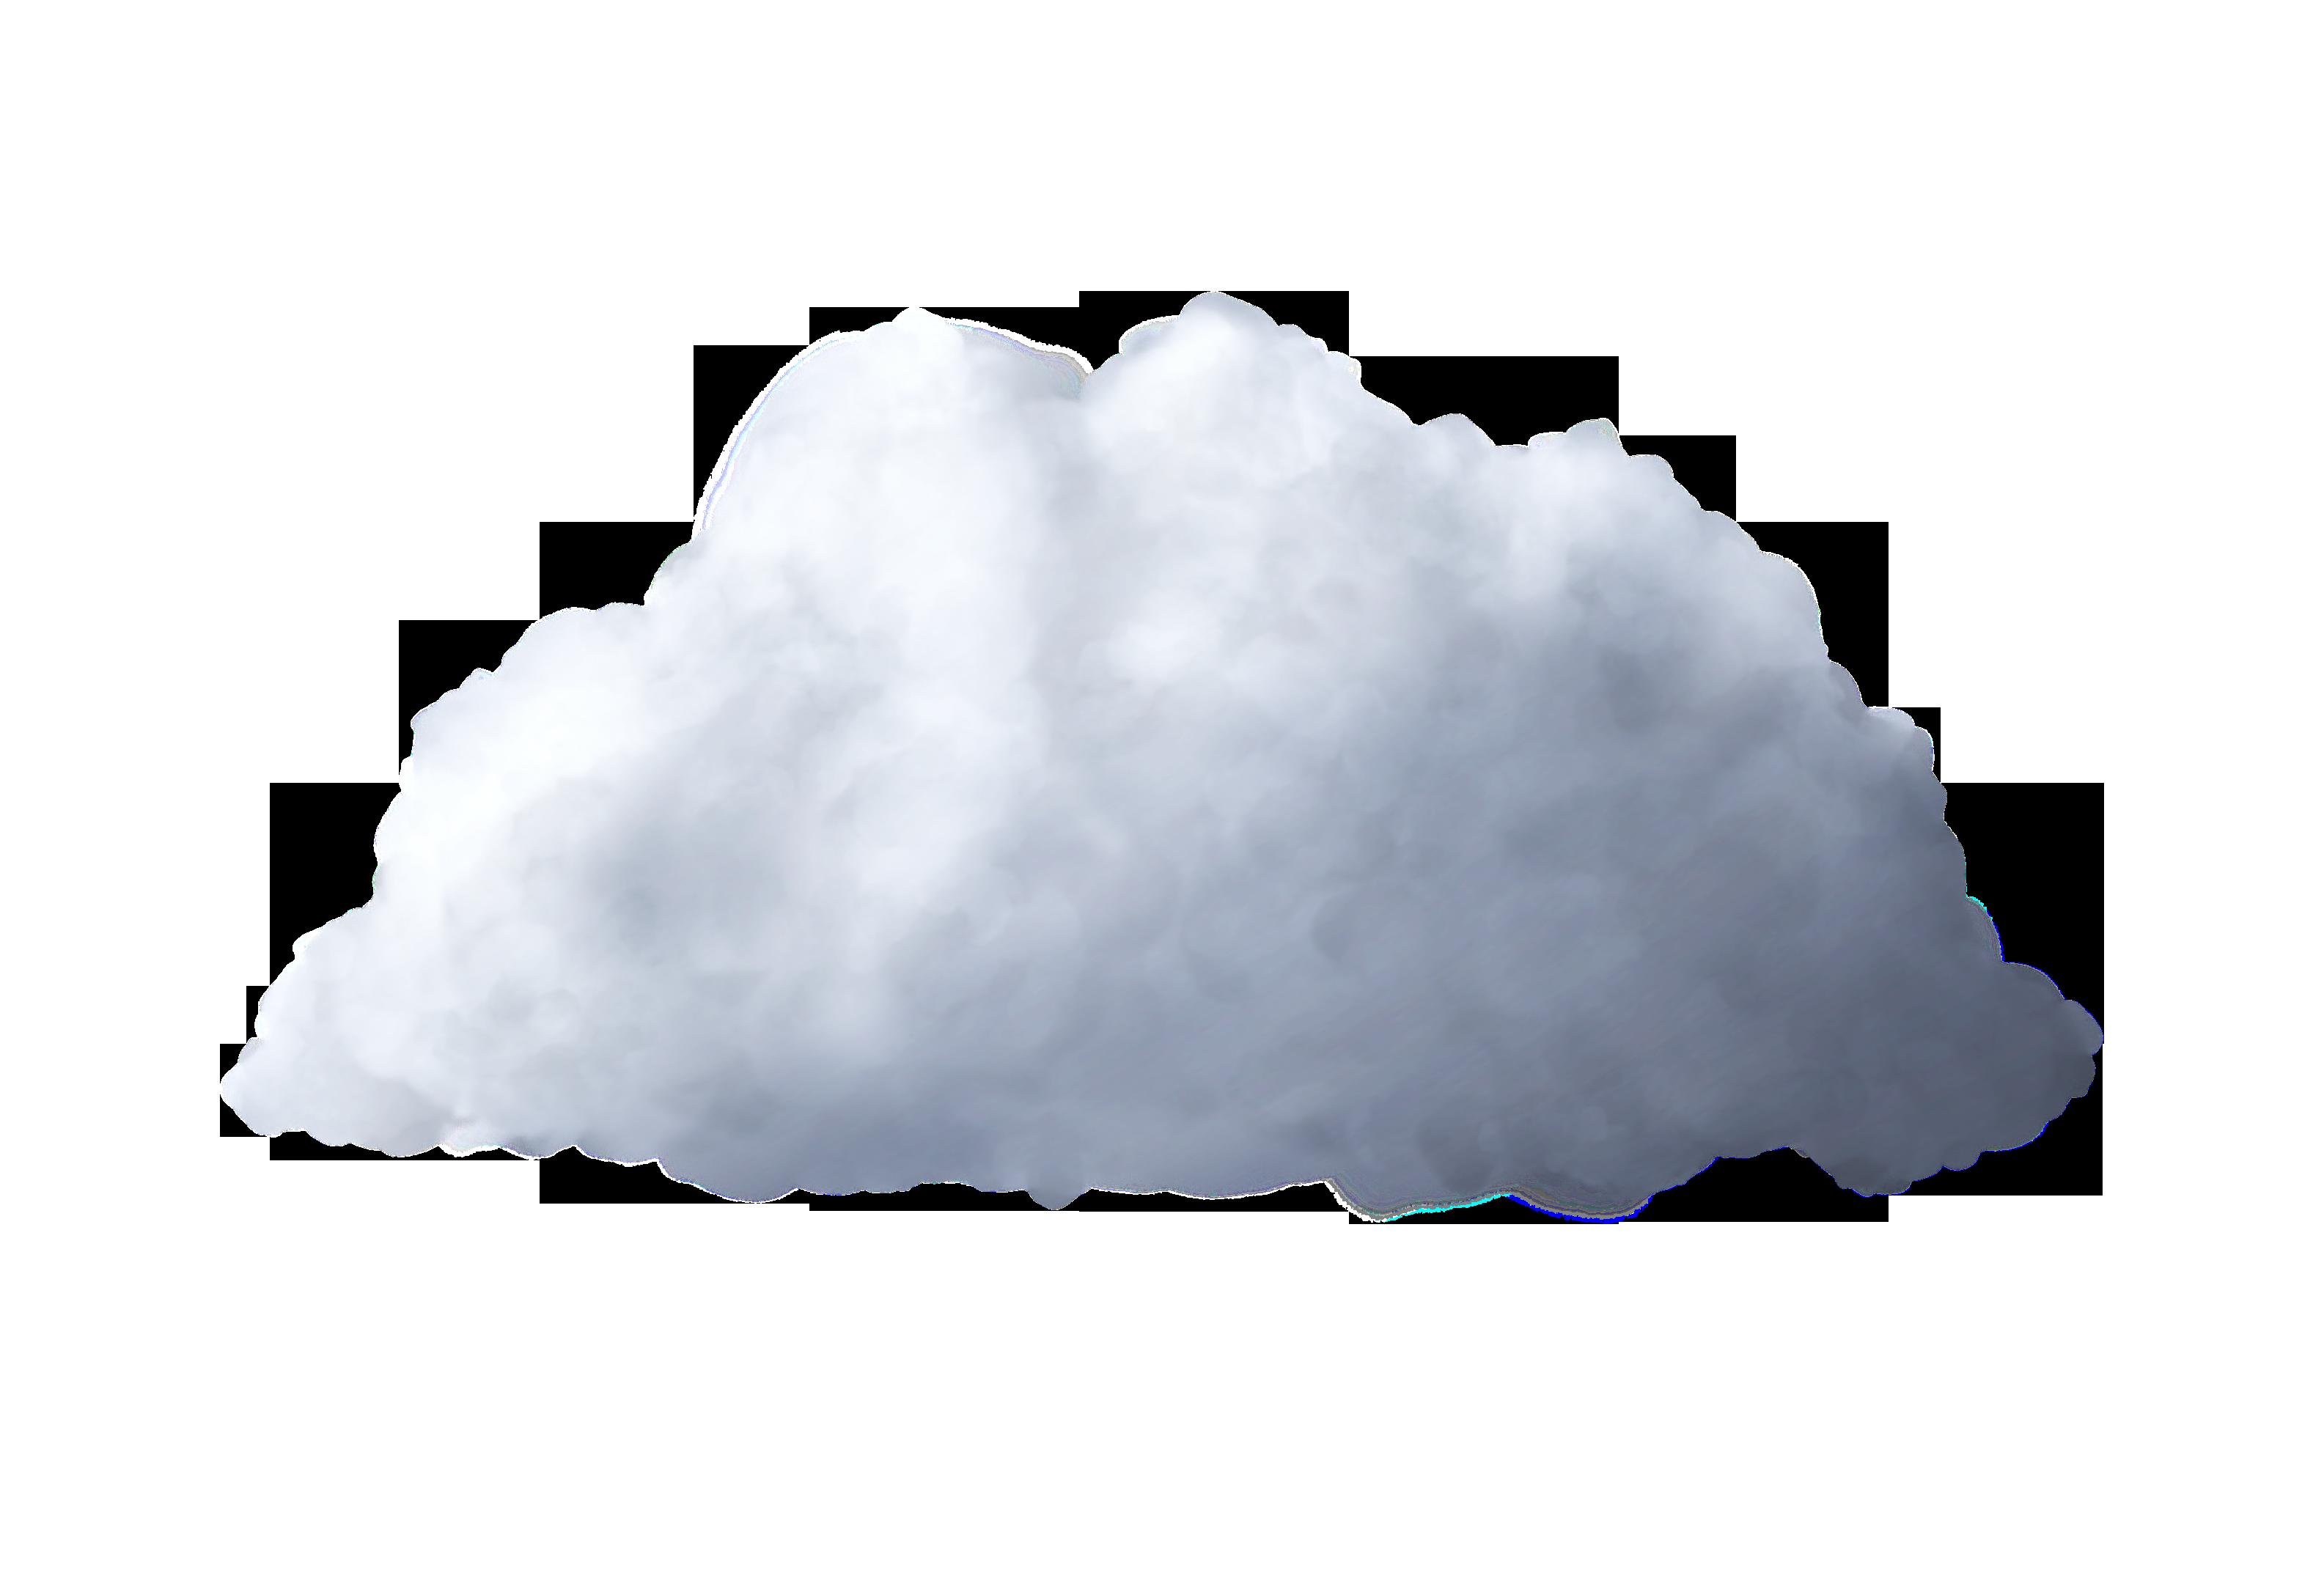 Resultat De Recherche D Images Pour Cloud Png Png Images Background Images Free Download Png